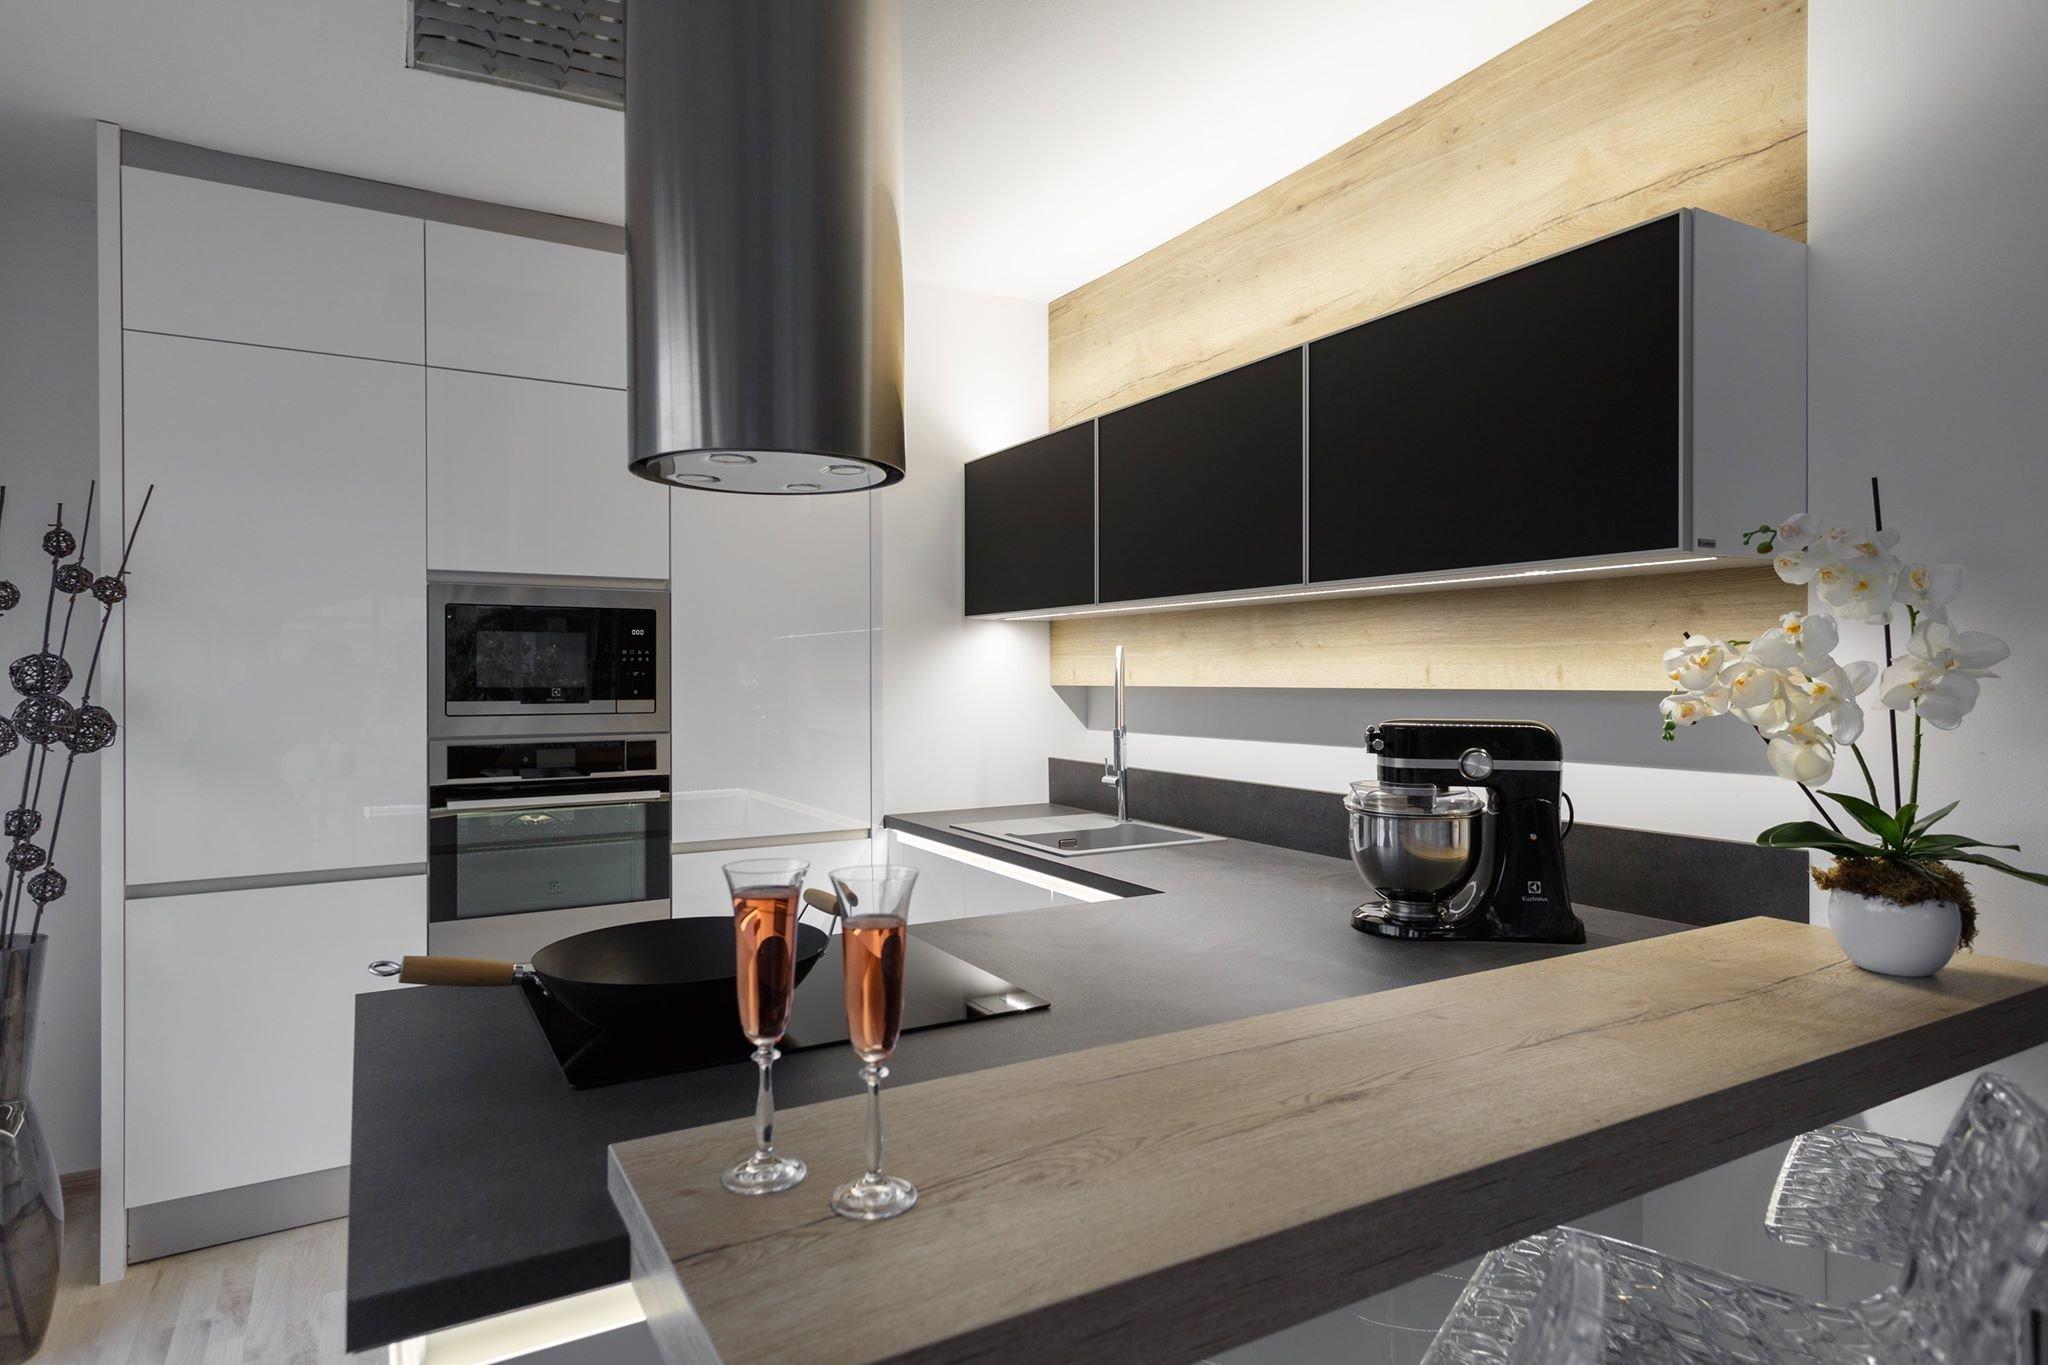 Chytré Kuchyně - bílý lesk s výraznou černou pracovní deskou a nadčasovým dřevodekorem s neparavidelnou kresbou.